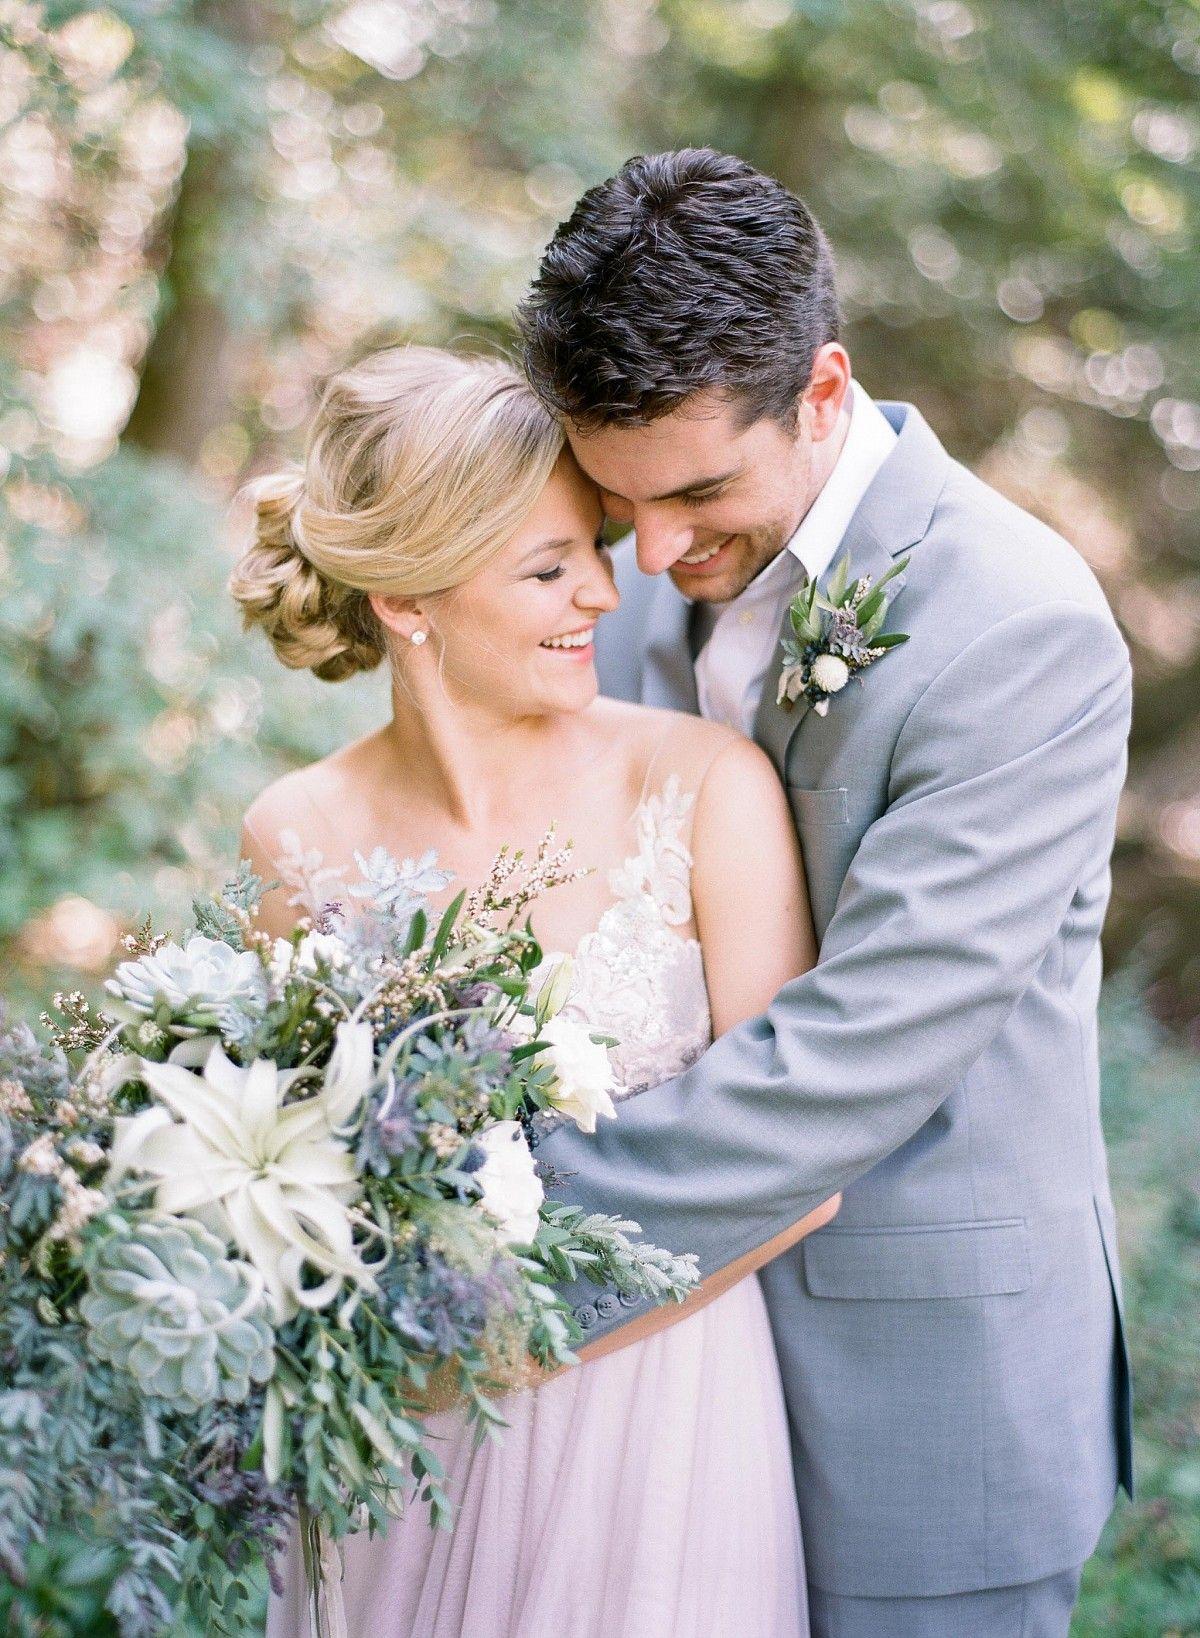 красивые картинки для свадьбы фото биосферный